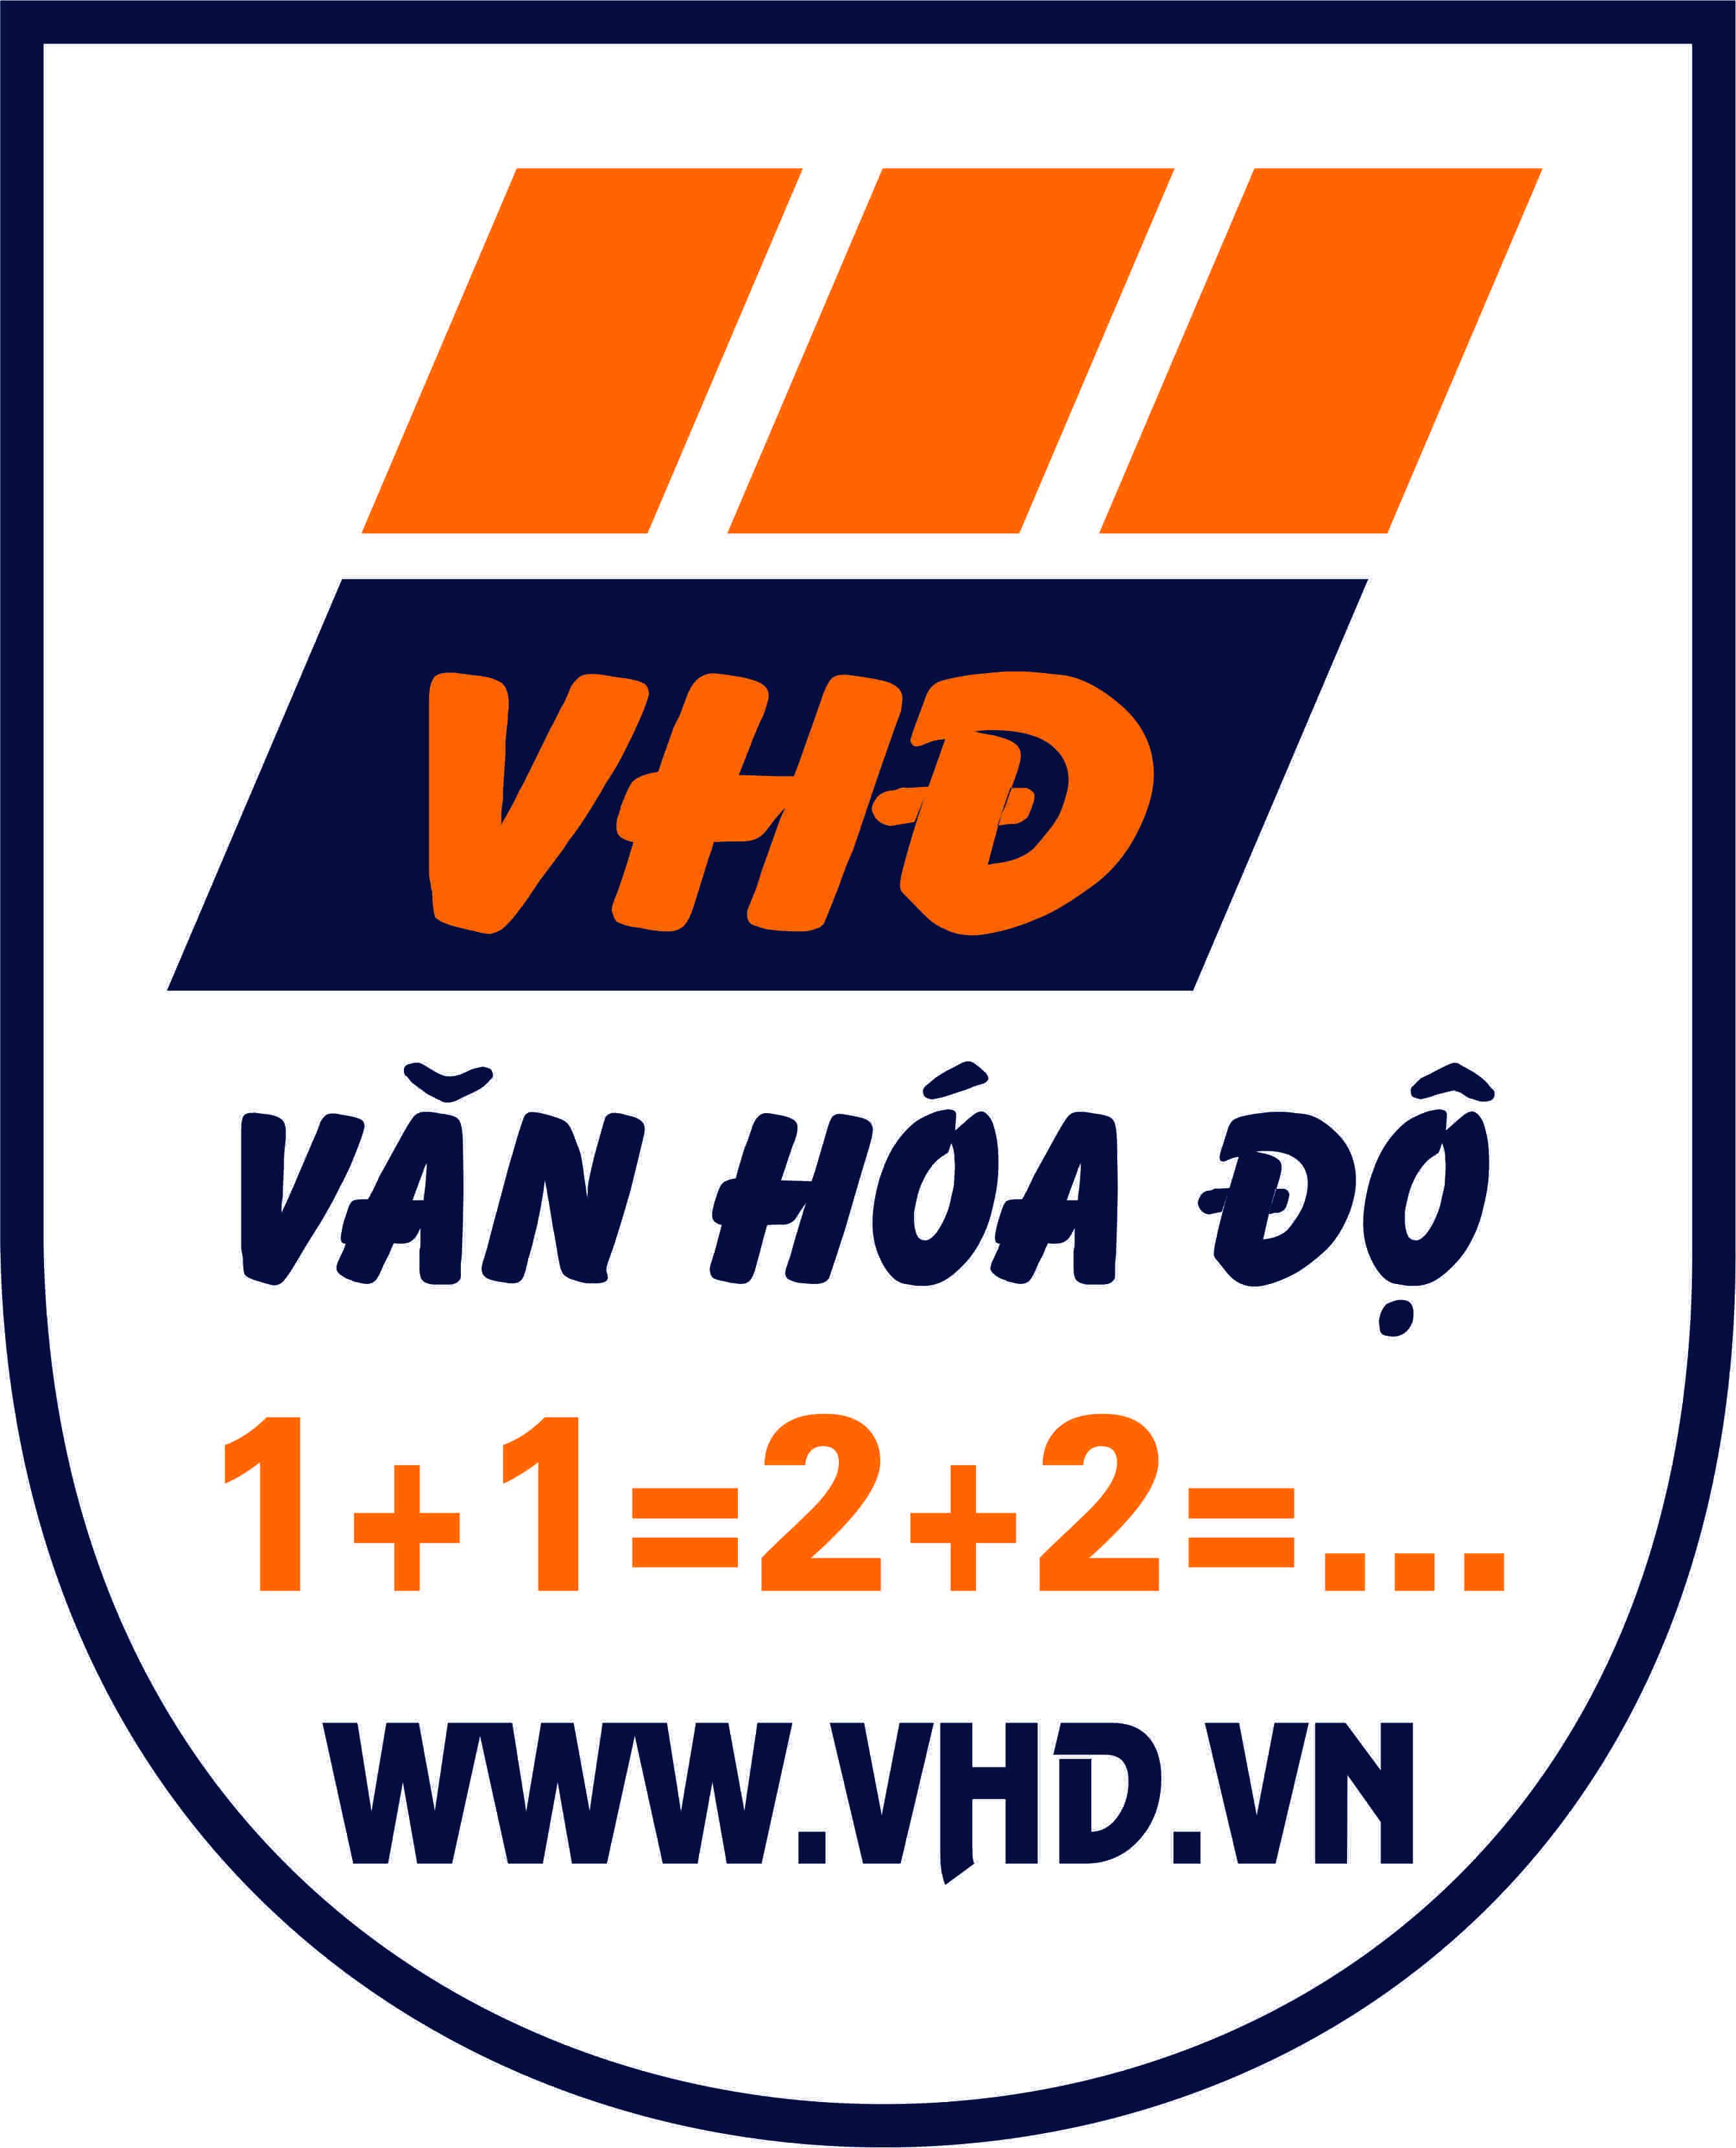 LogomoiVHD VHD dịch thuật công chứng uy tín chất lượng VHD Hà Nội